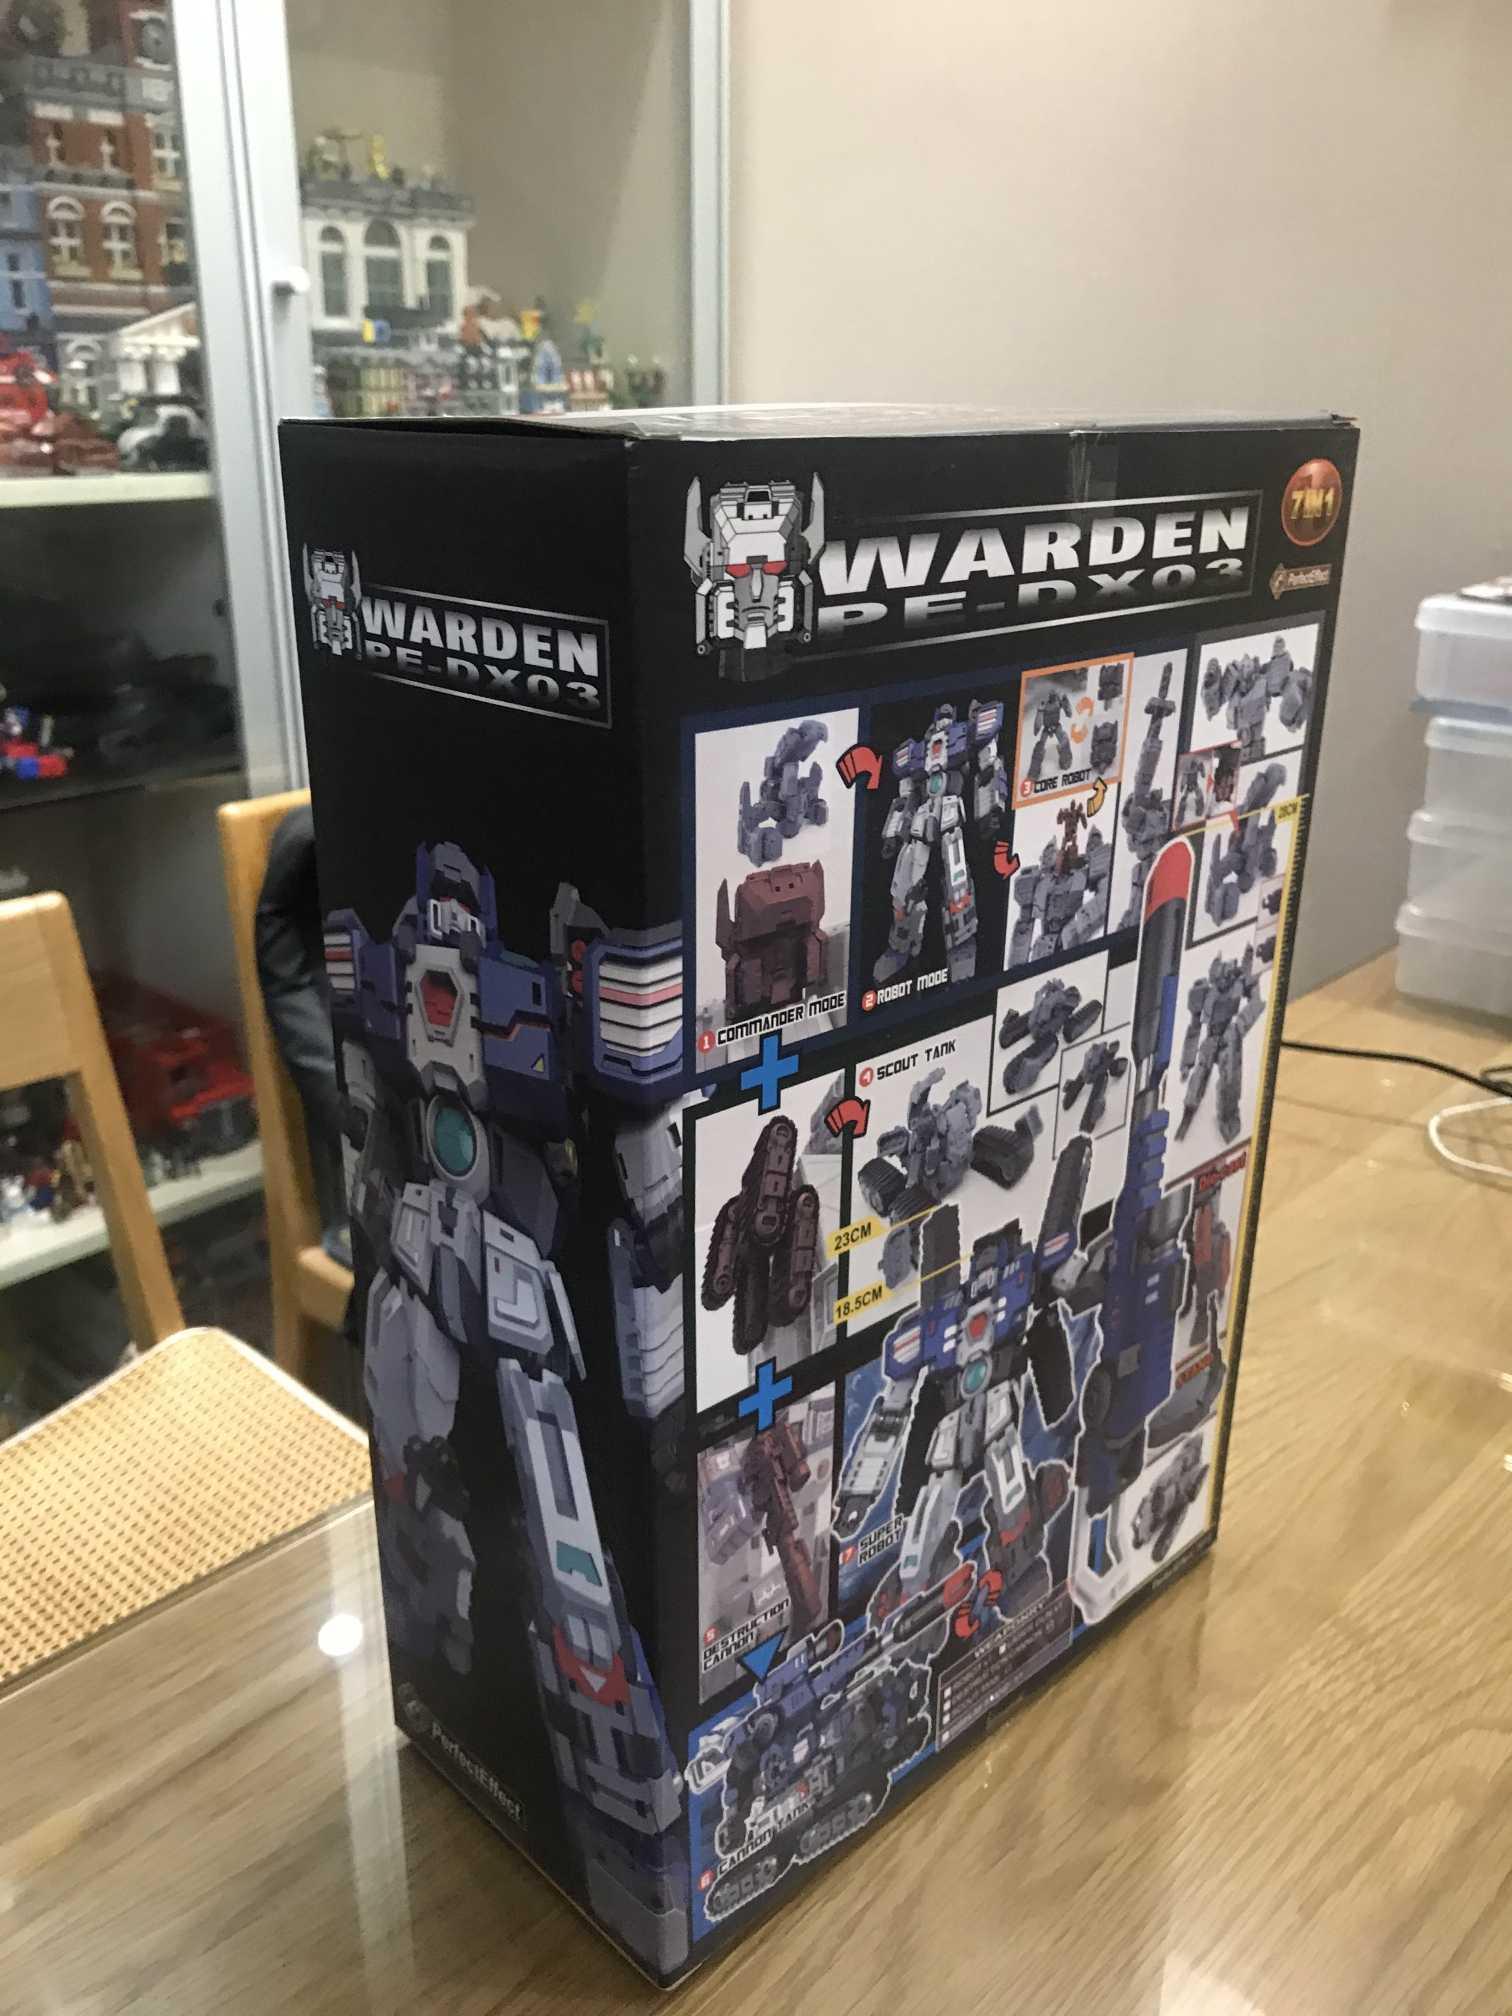 Transformacja doskonały efekt PE-DX03 Warden Fortress Maximus Vers zabawka w magazynie w najlepszej cenie